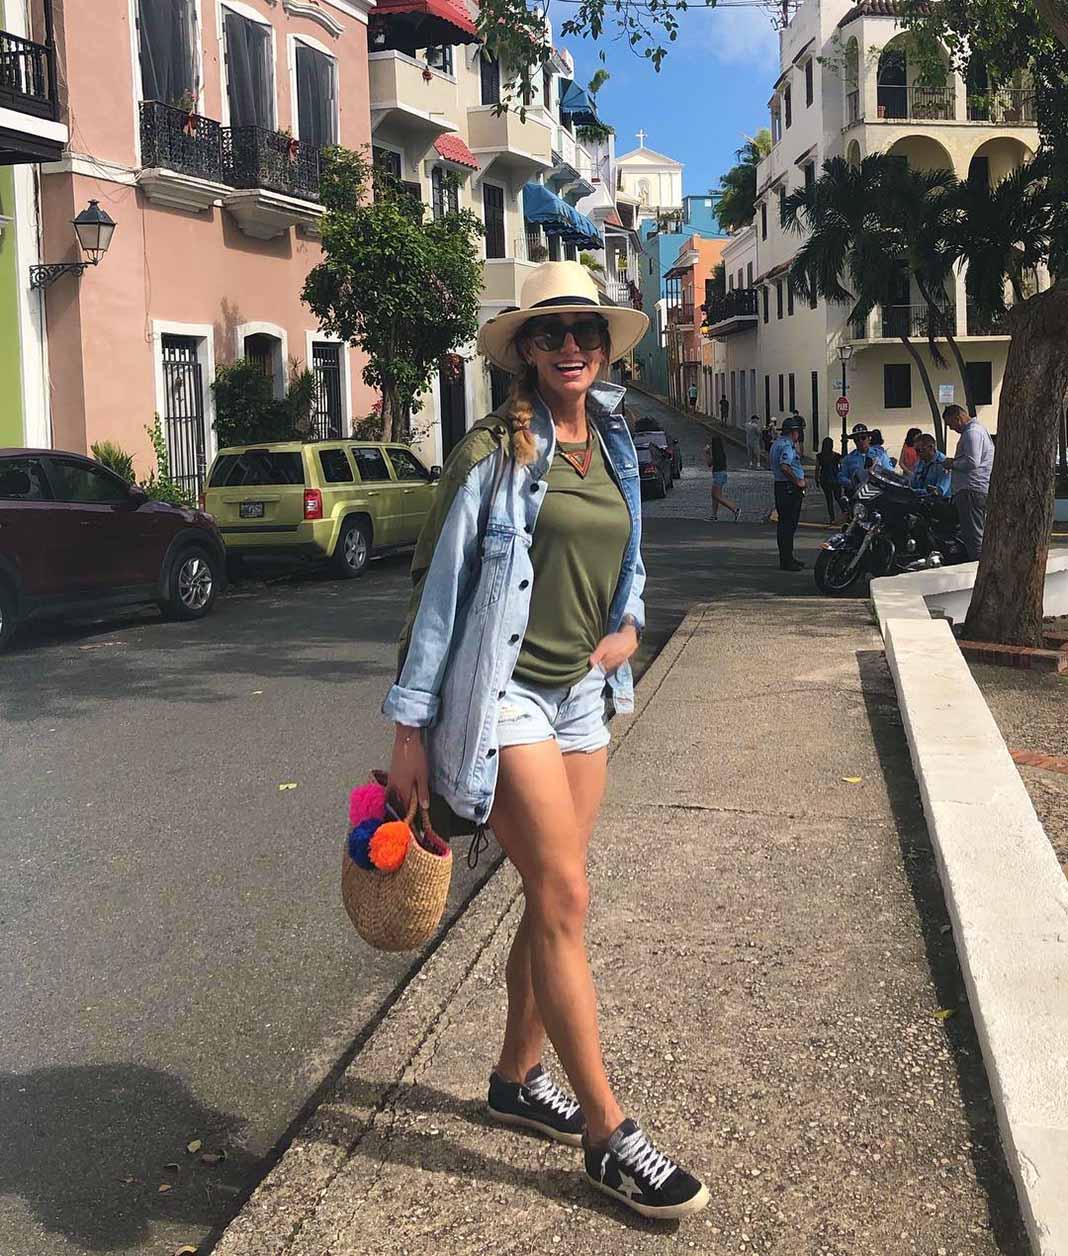 En plena calle de Puerto Rico, sin perder el estilo